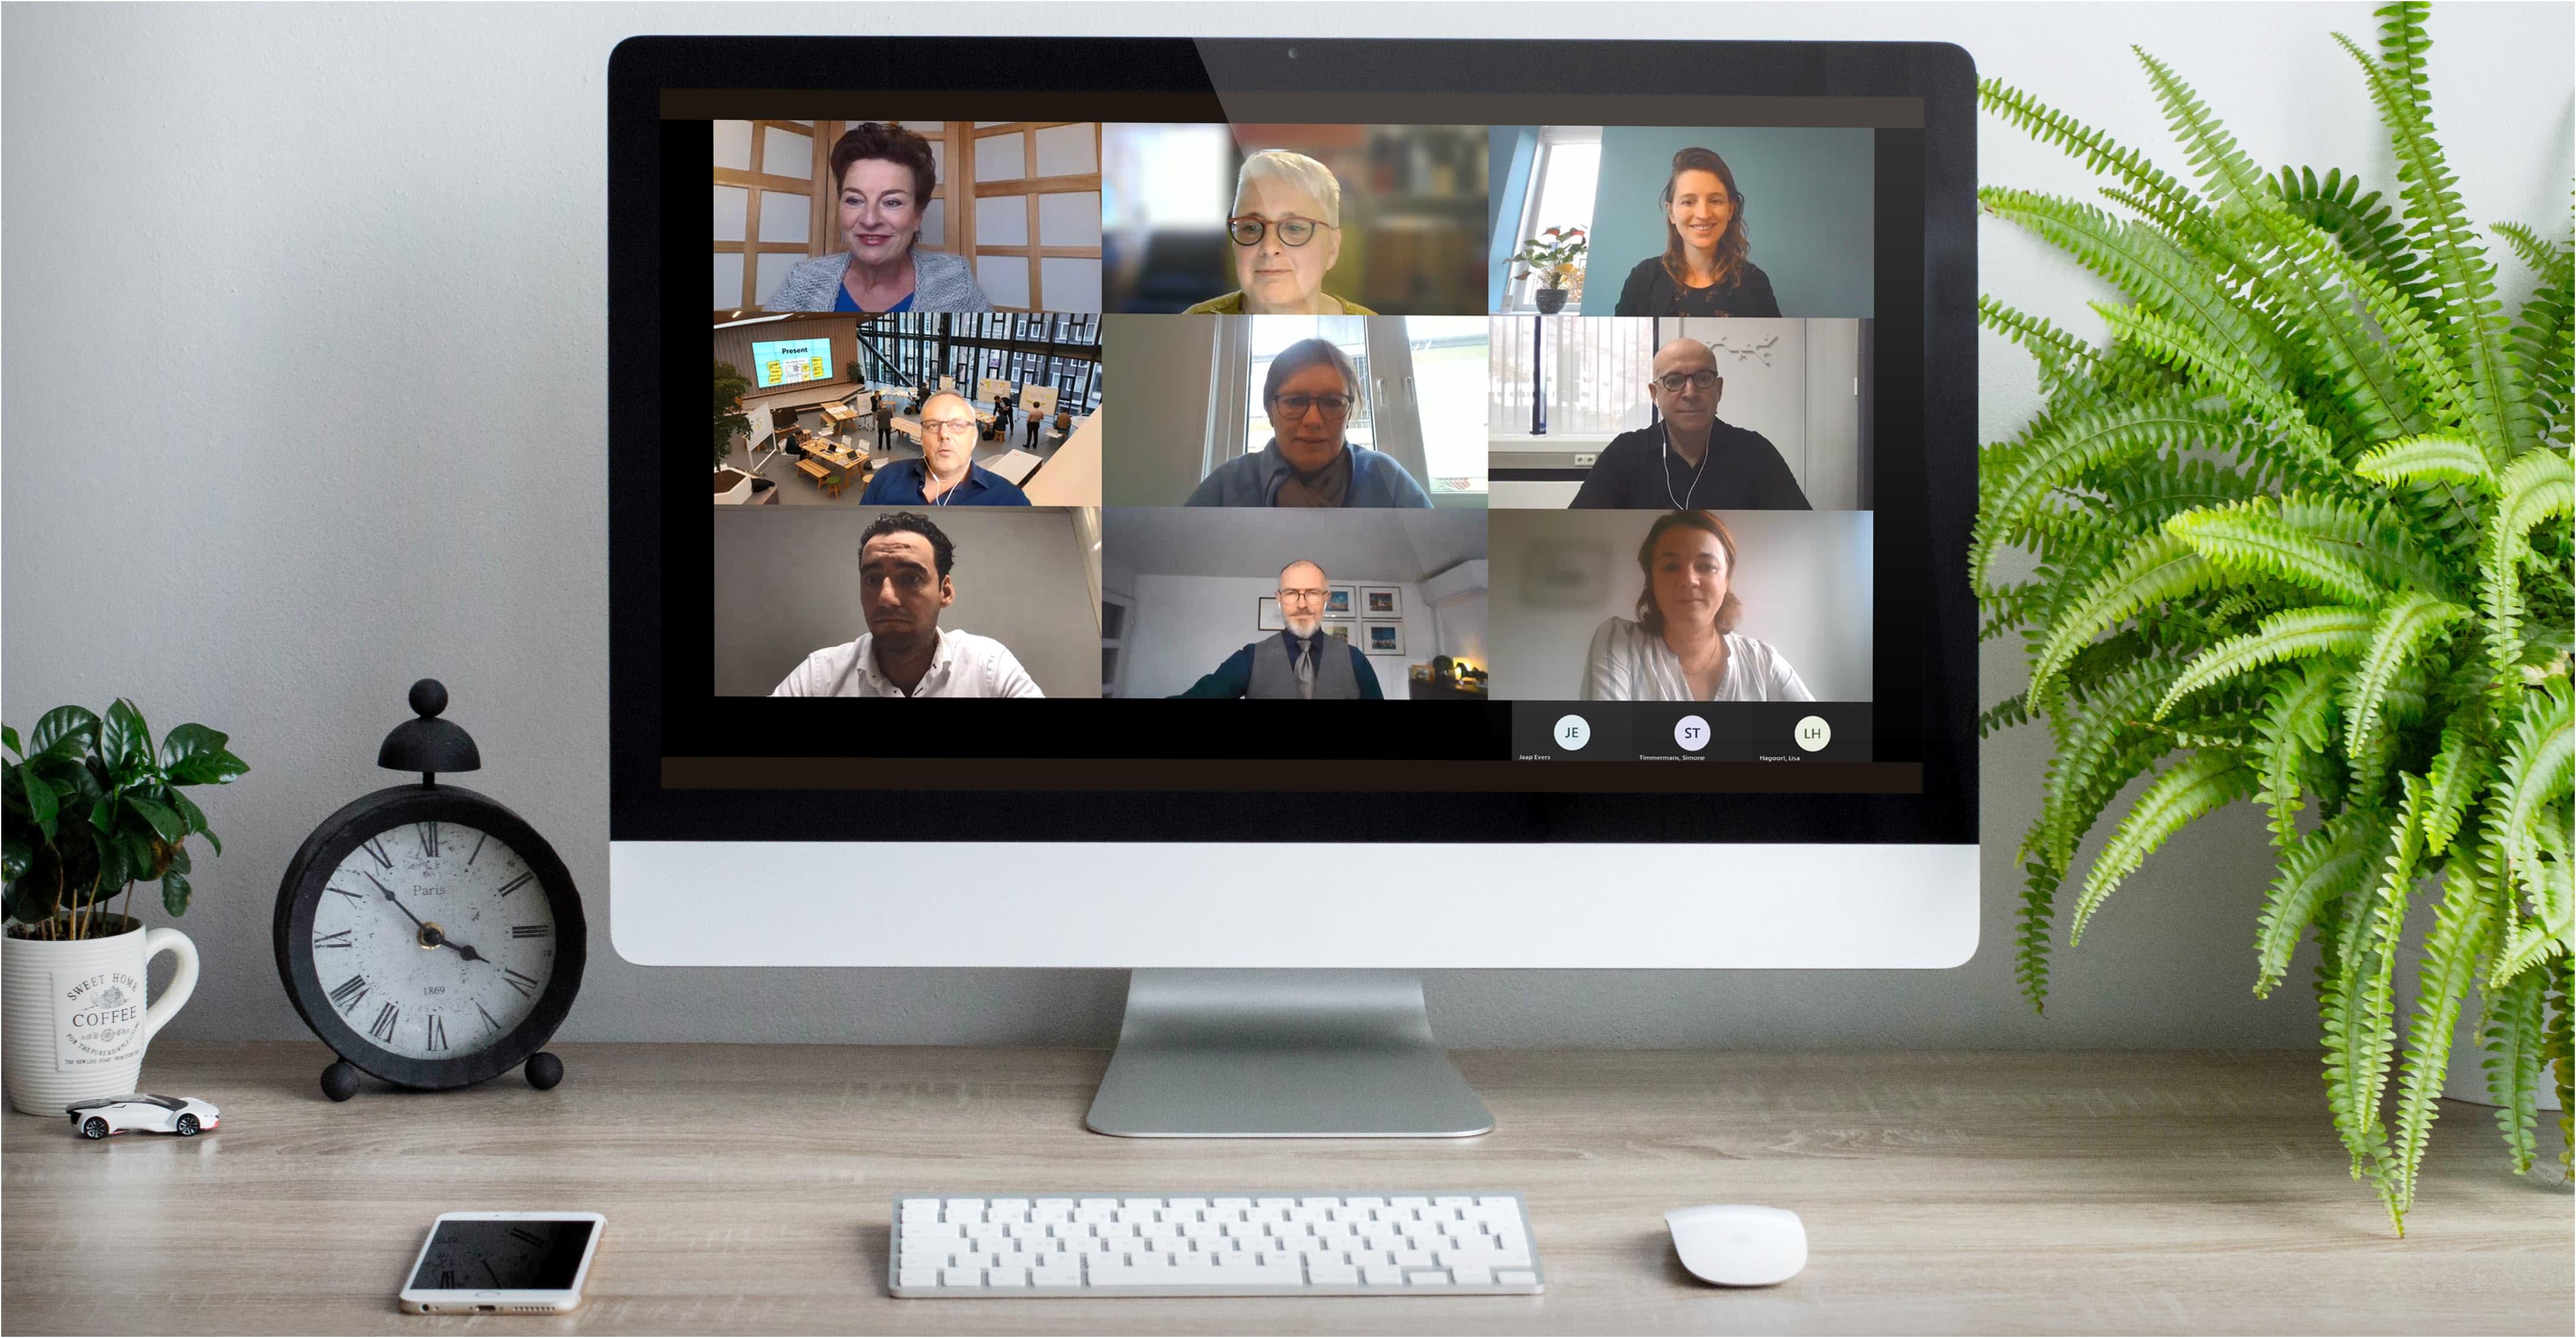 In gesprek met vakgenoten: terugblik digitaal debat 'The Future Workspace' van HEYDAY